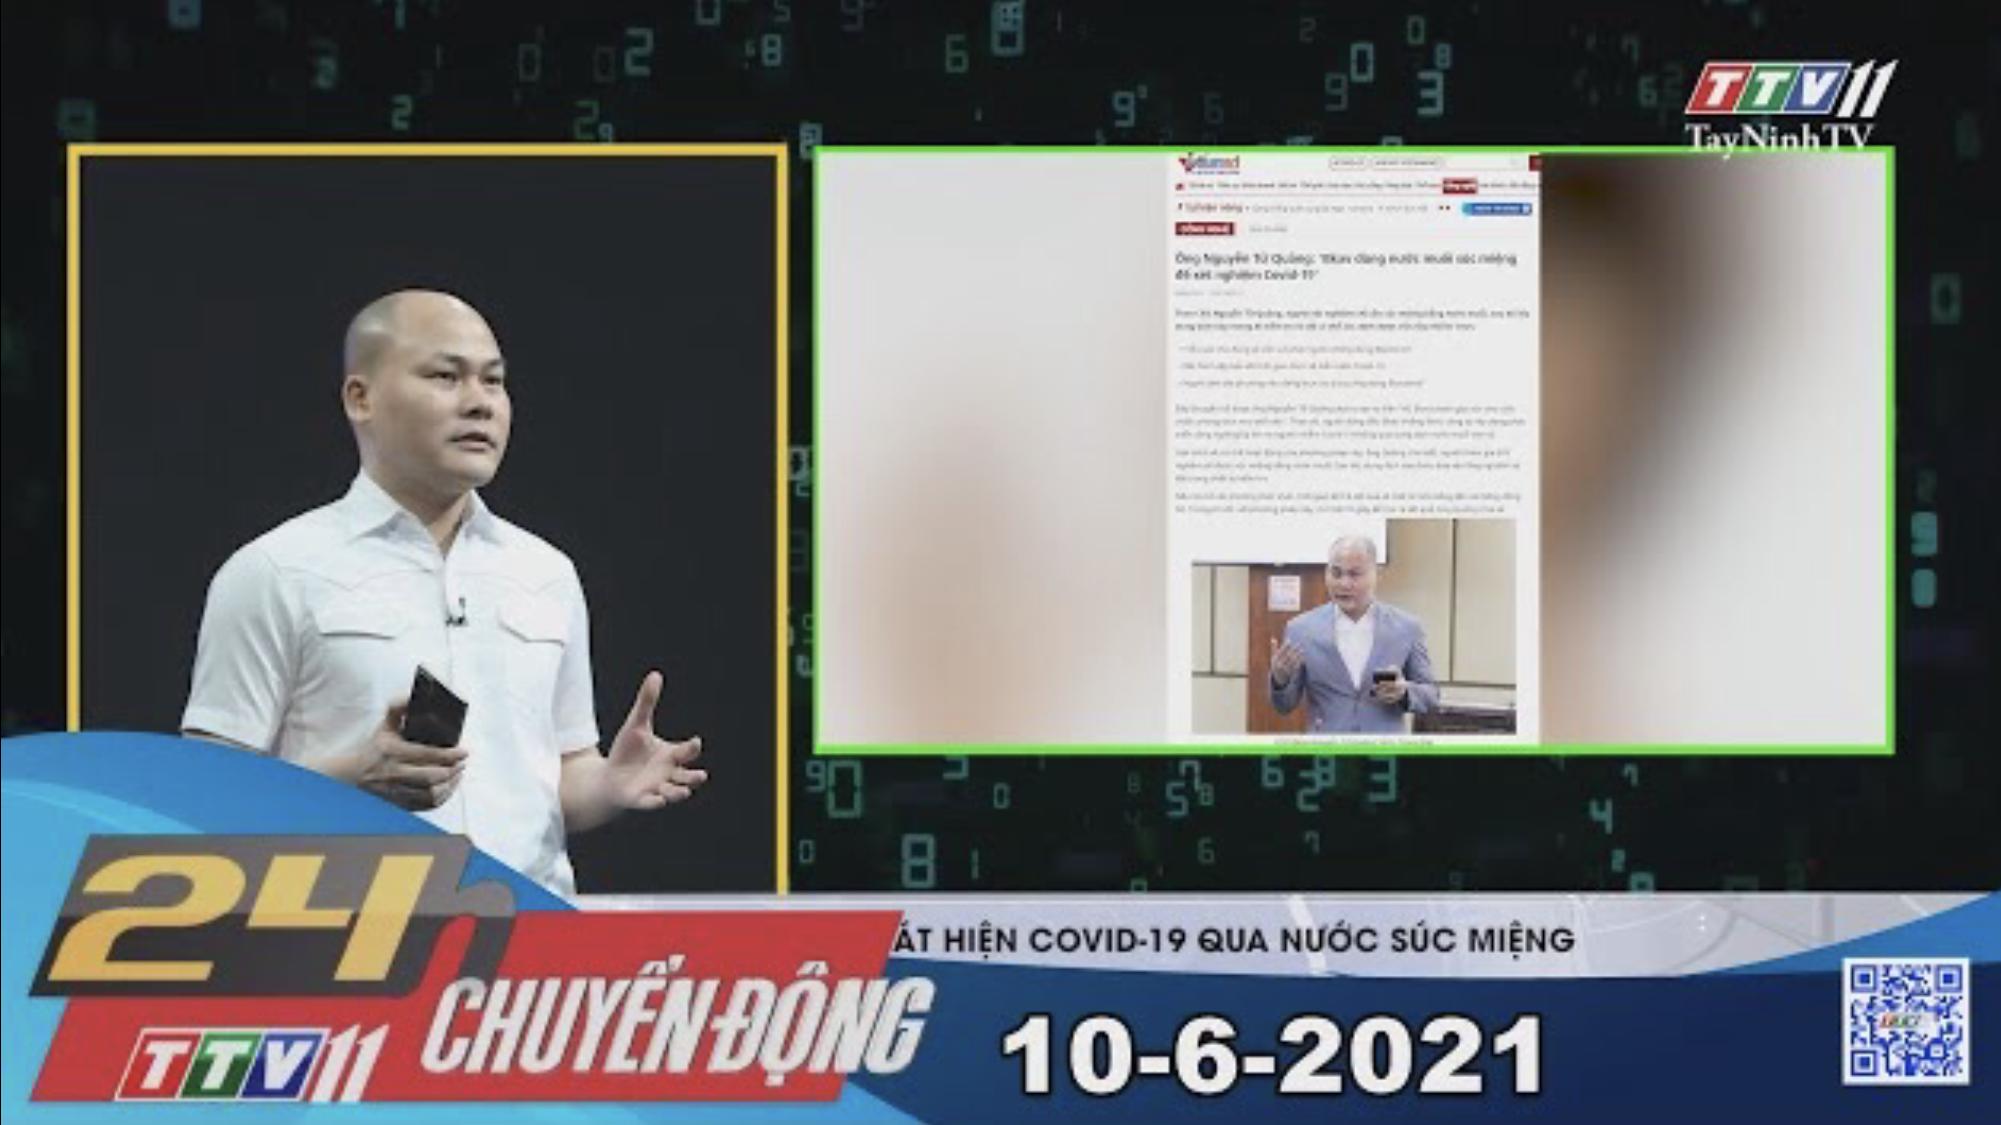 24h Chuyển động 10-6-2021 | Tin tức hôm nay | TayNinhTV